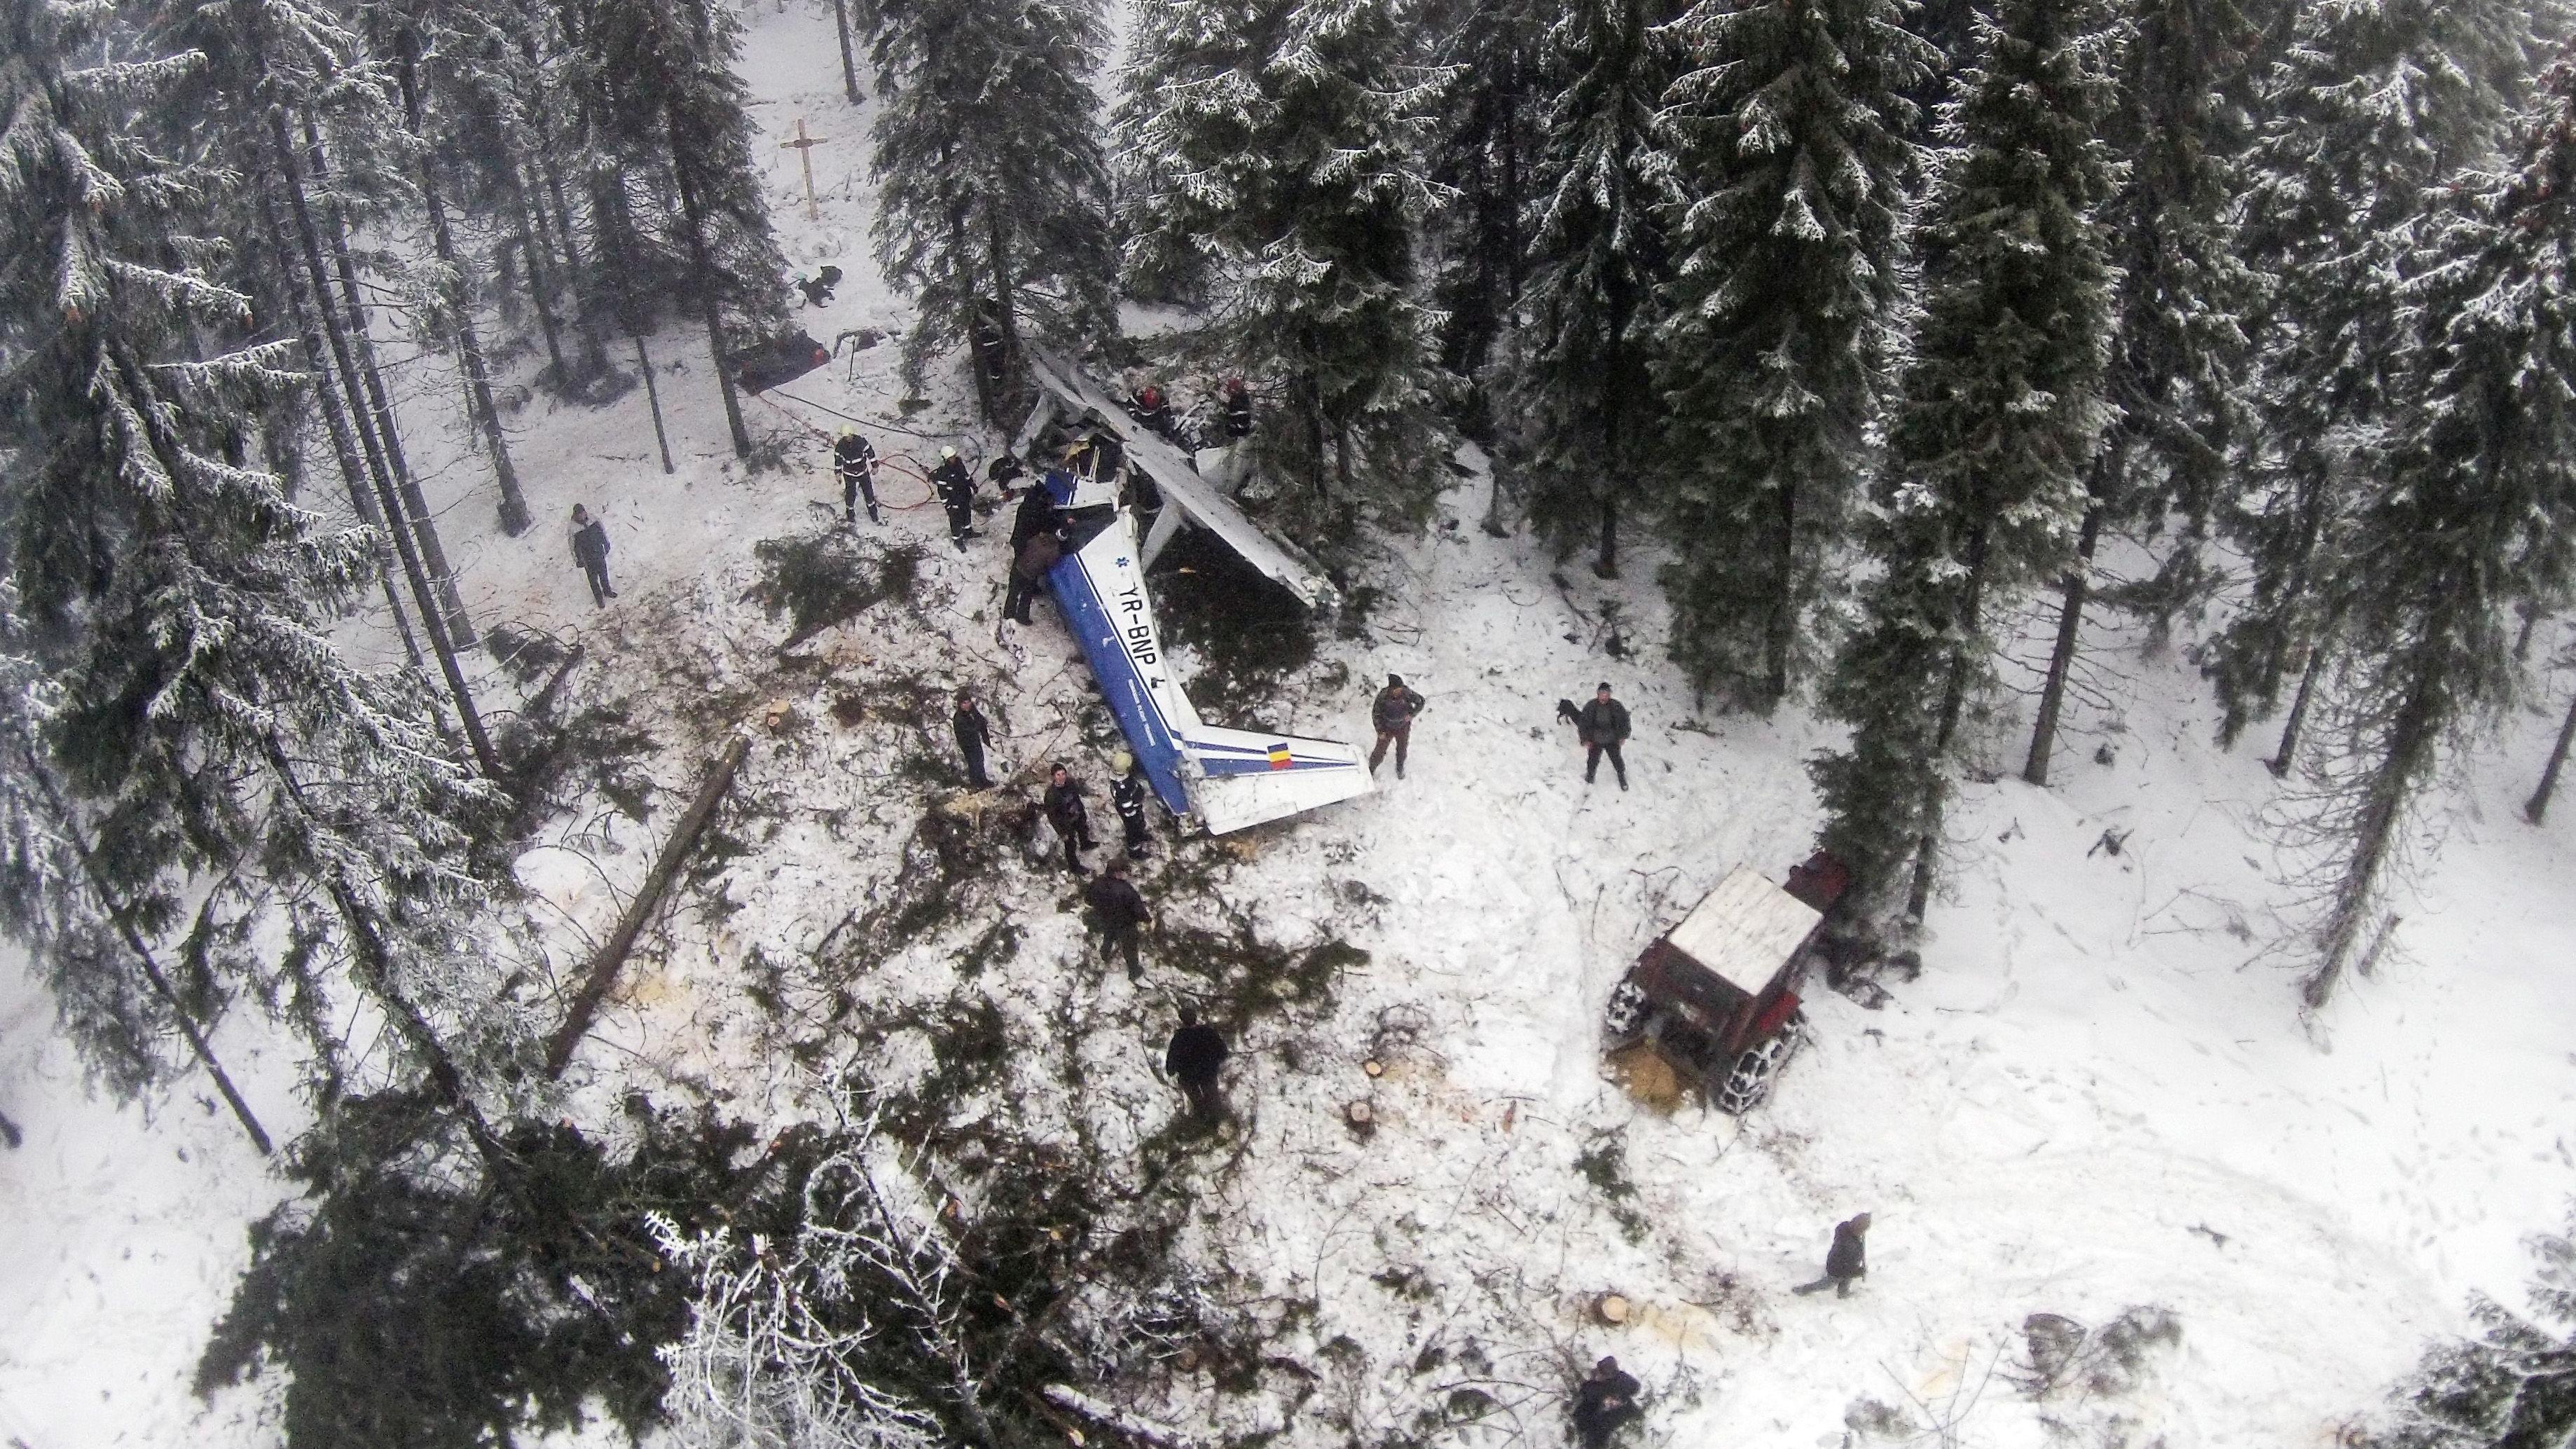 Pilotul Adrian Iovan si-a pierdut viata in accidentul aviatic din Apuseni, la inceputul acestui an